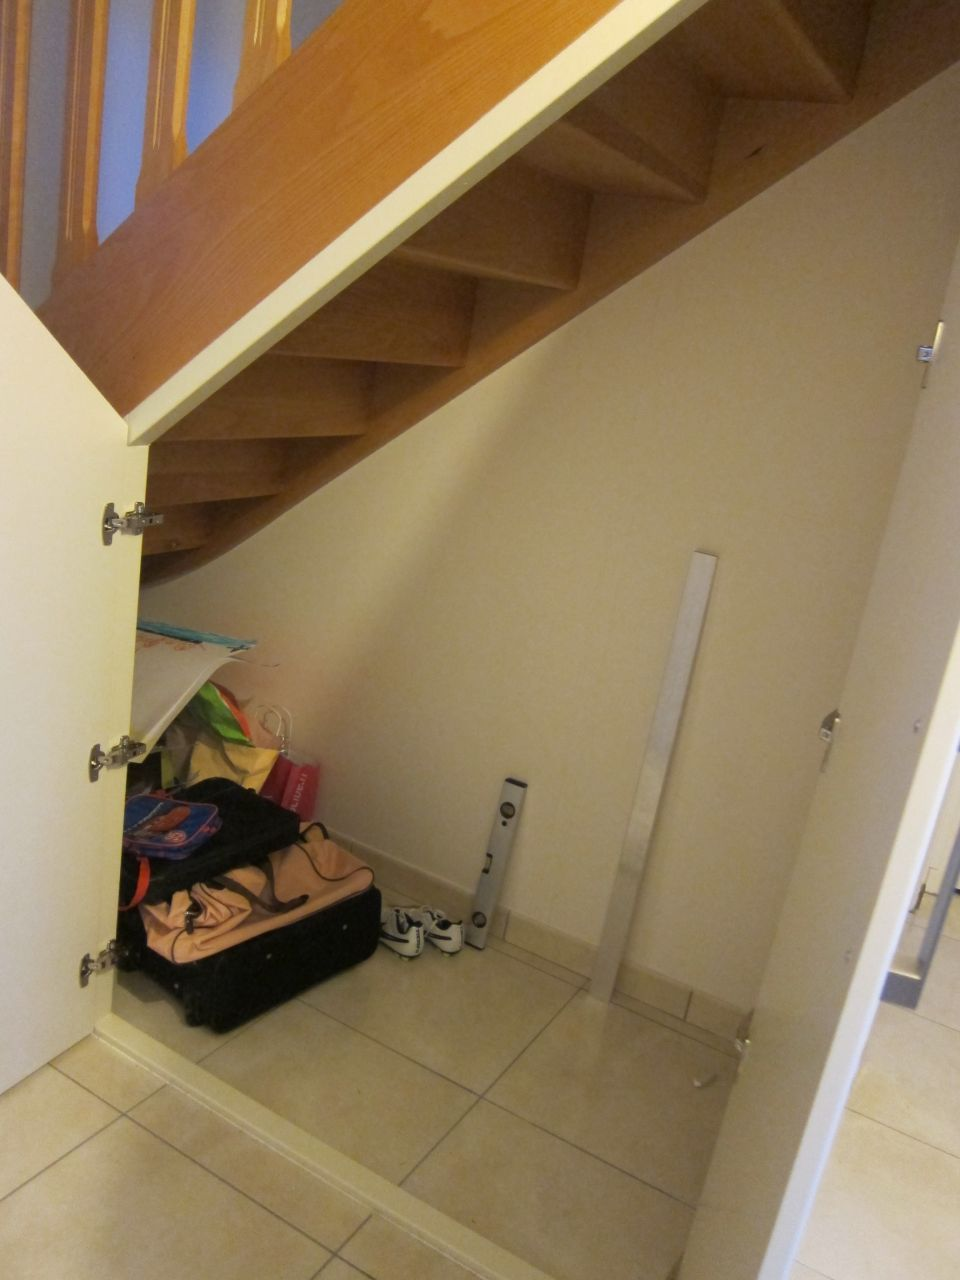 Vue De L Espace Sous Escalier Apres Installation Des Portes Modele Declic Battant De Chez Lapeyre Sous Escalier Amenagement Placard Placard Sous Escalier